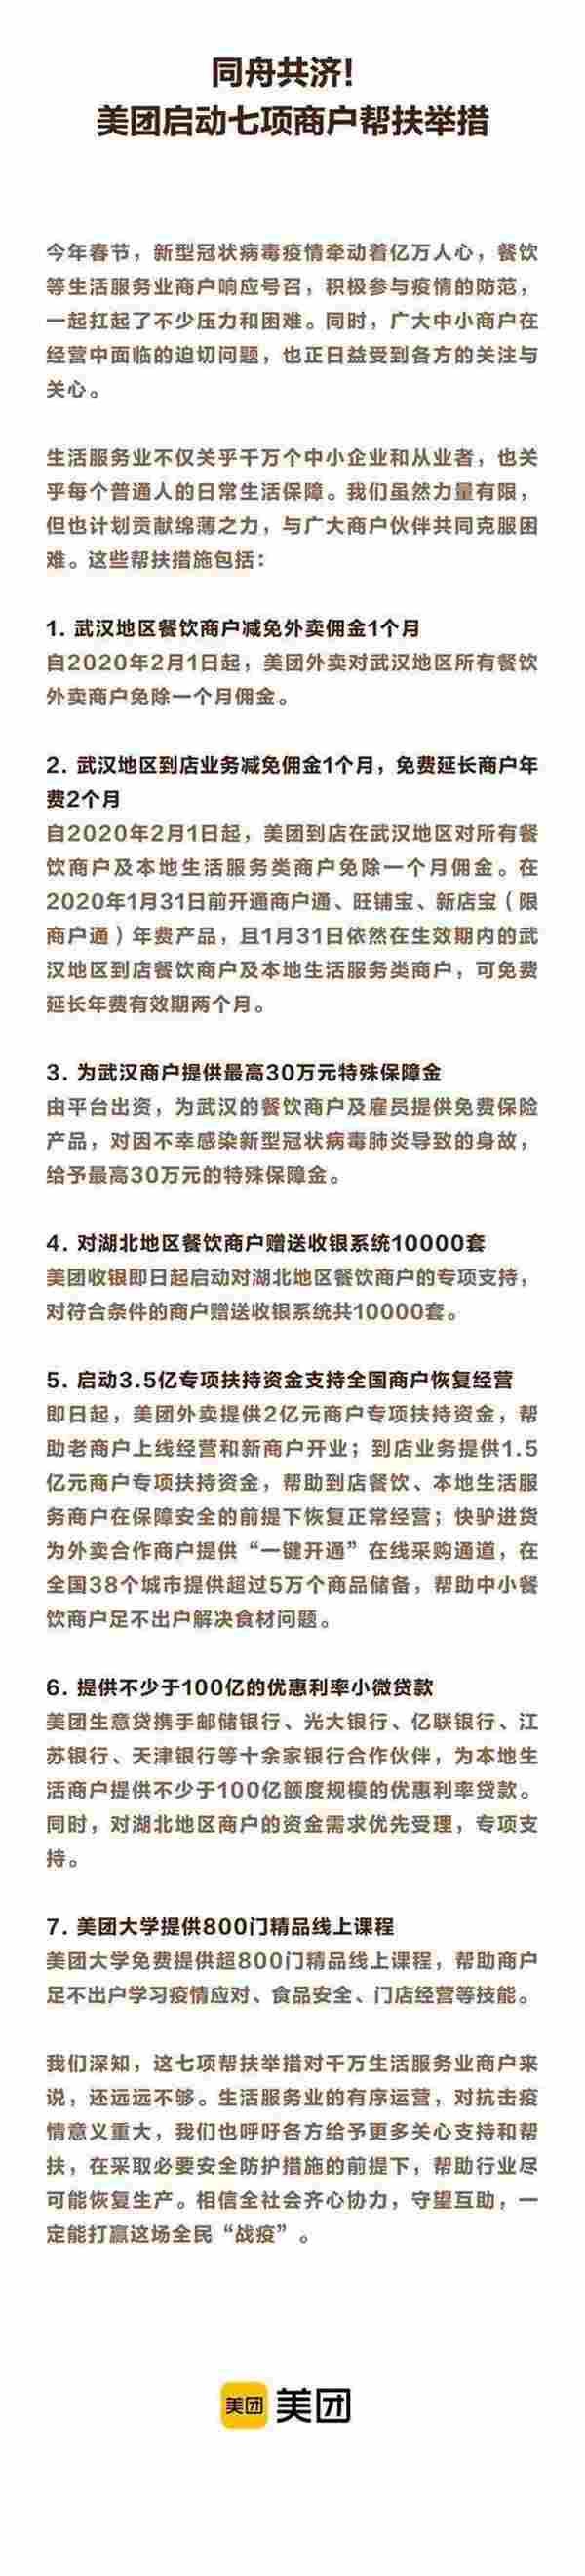 微信图片_20200204115839.jpg